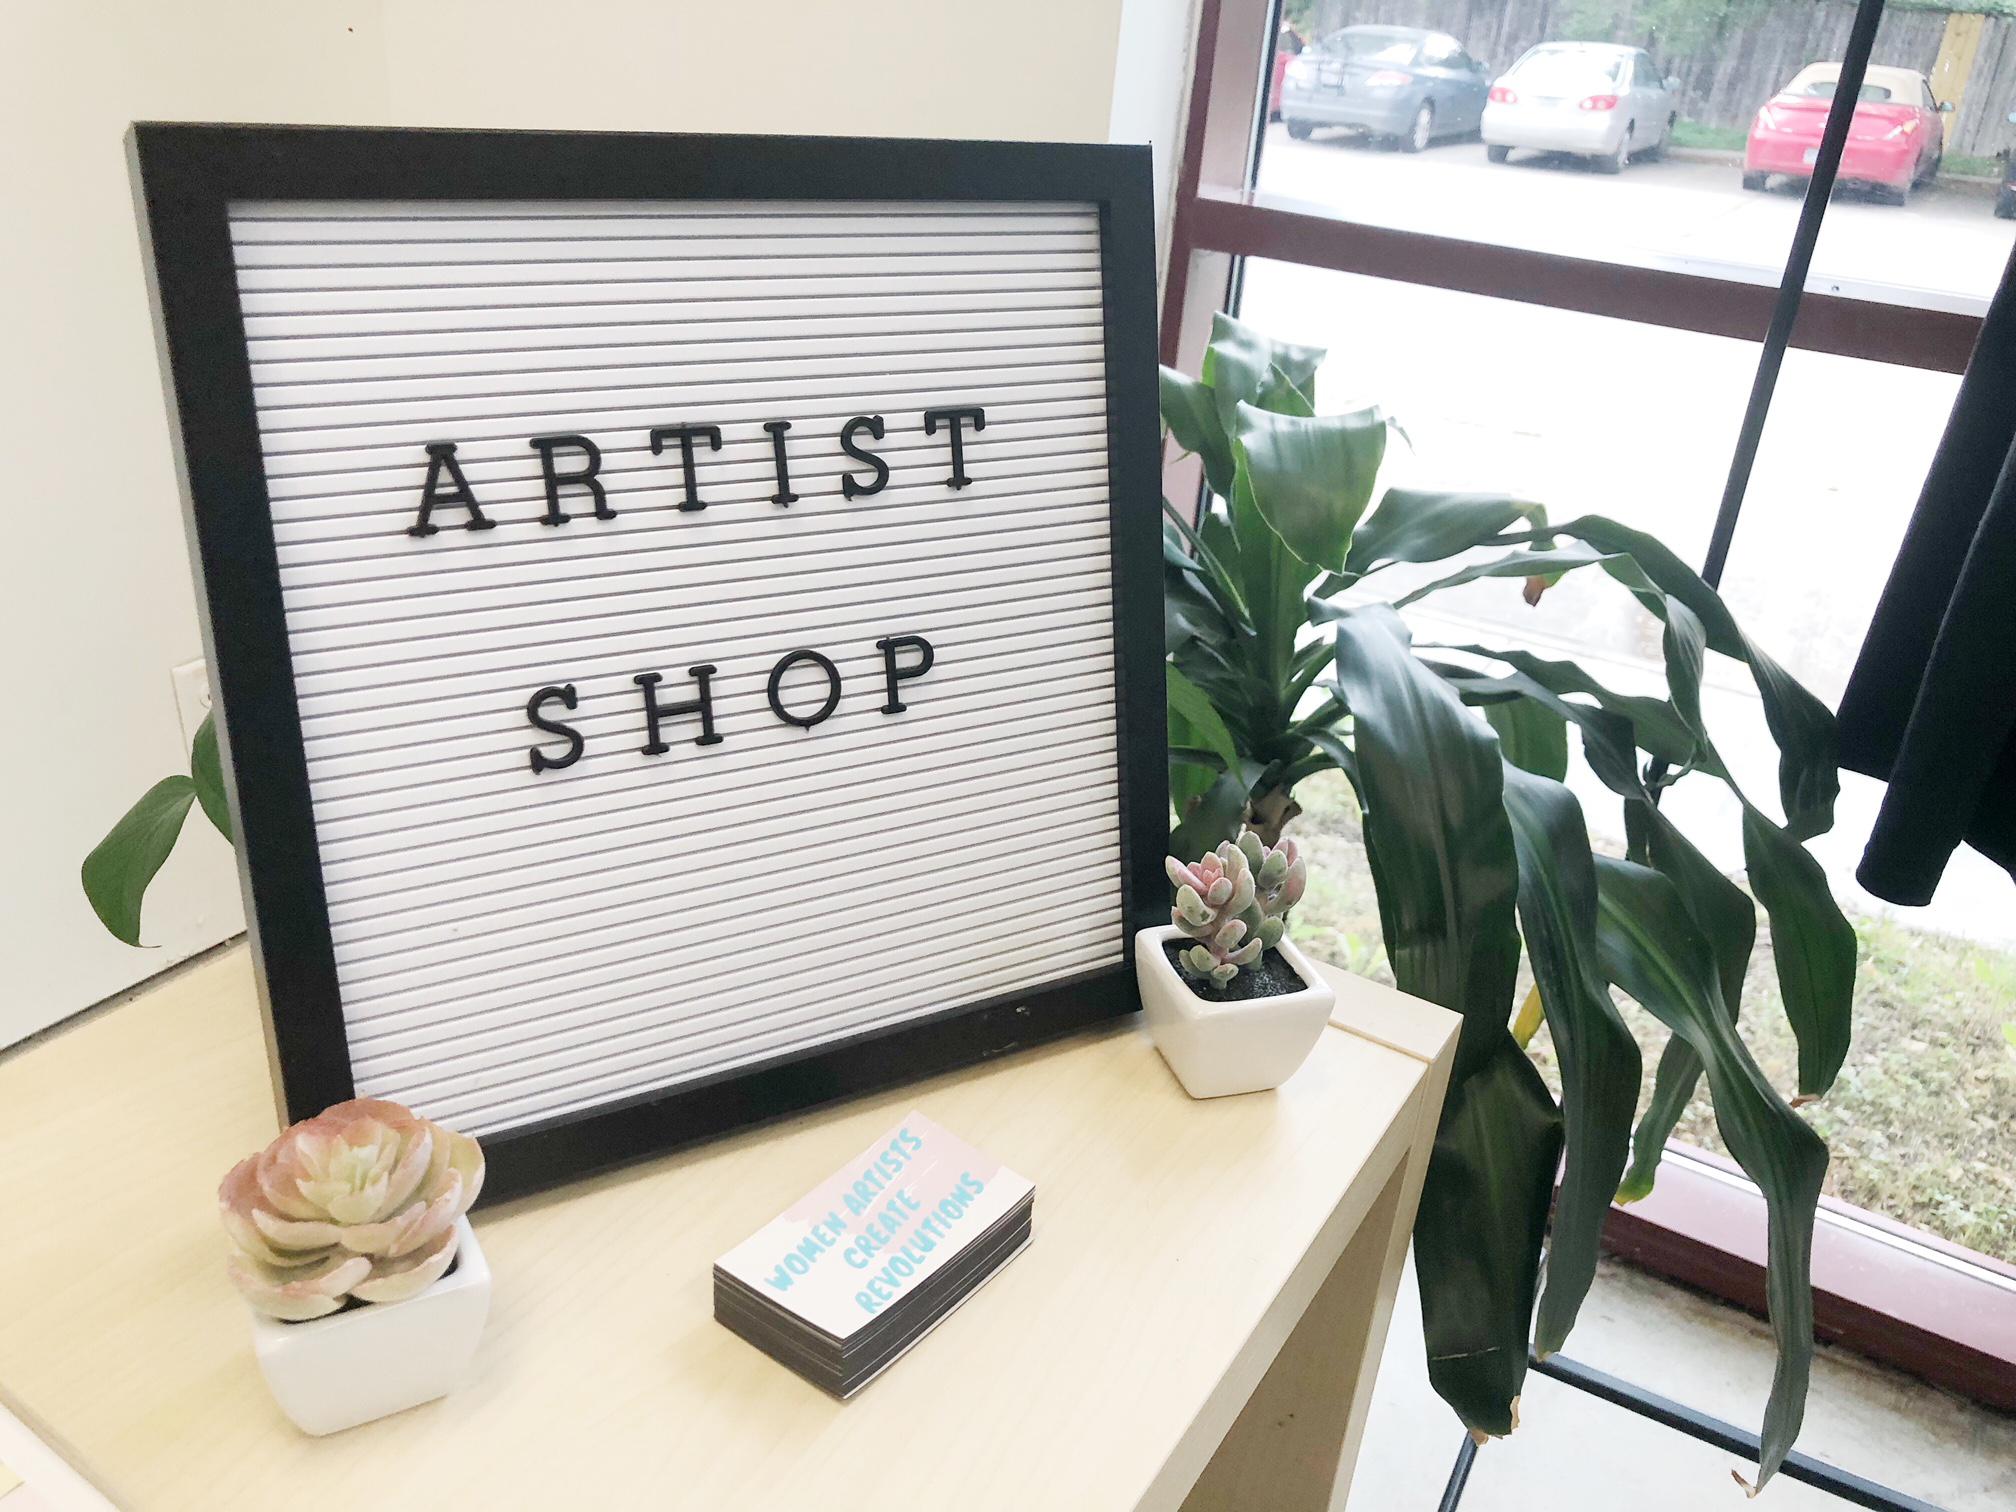 MMAC_Artist_Shop-sign.png